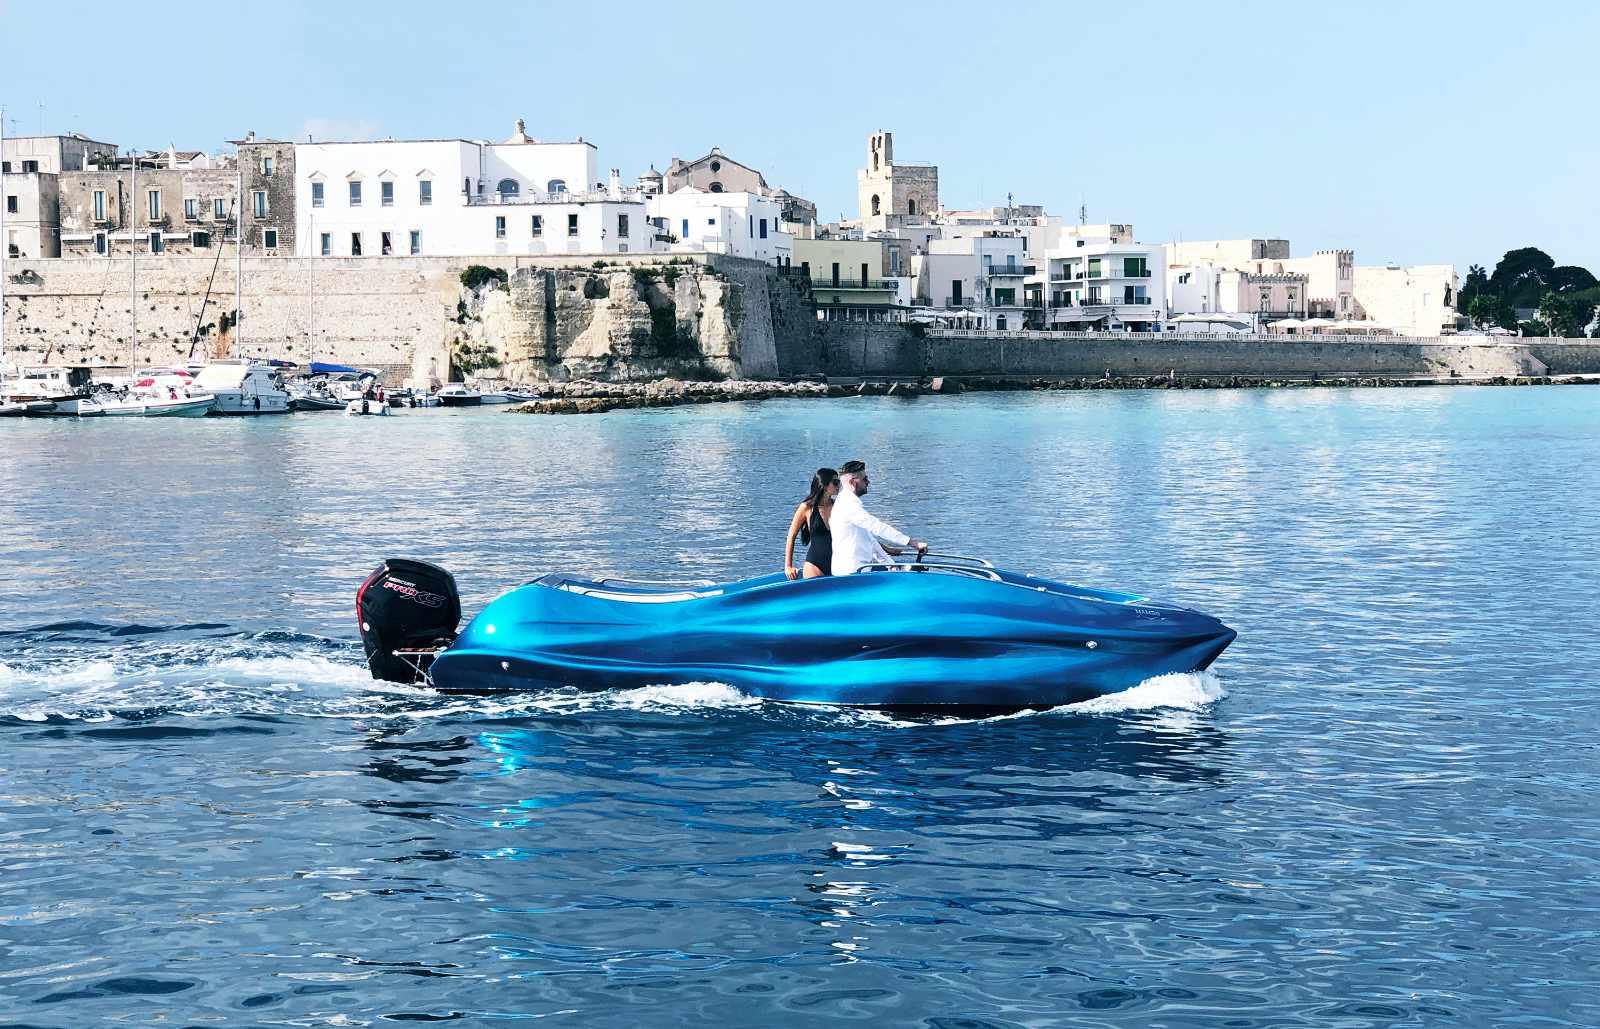 werelds eerste 3D-geprinte boot, moi mambo, speedboot, geneva boat show 2020